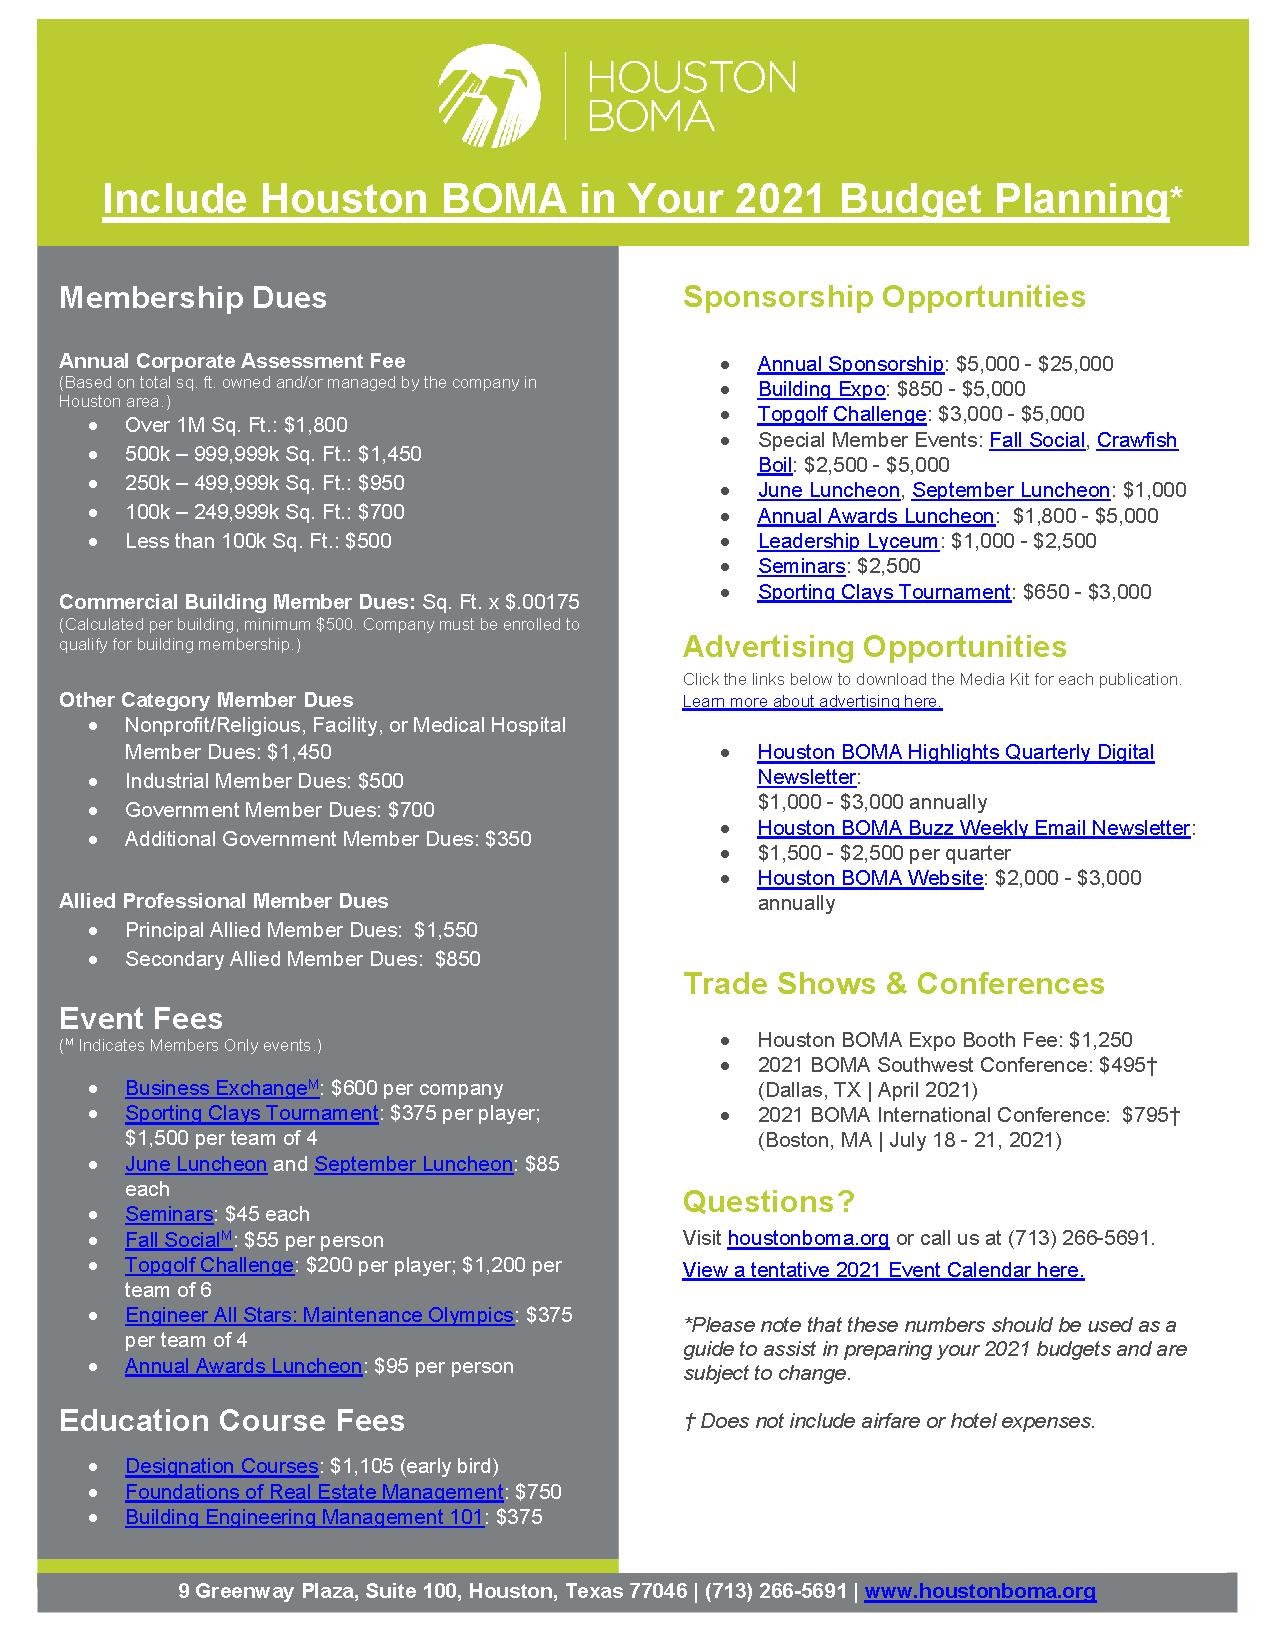 2021 Budget Guide and Calendar